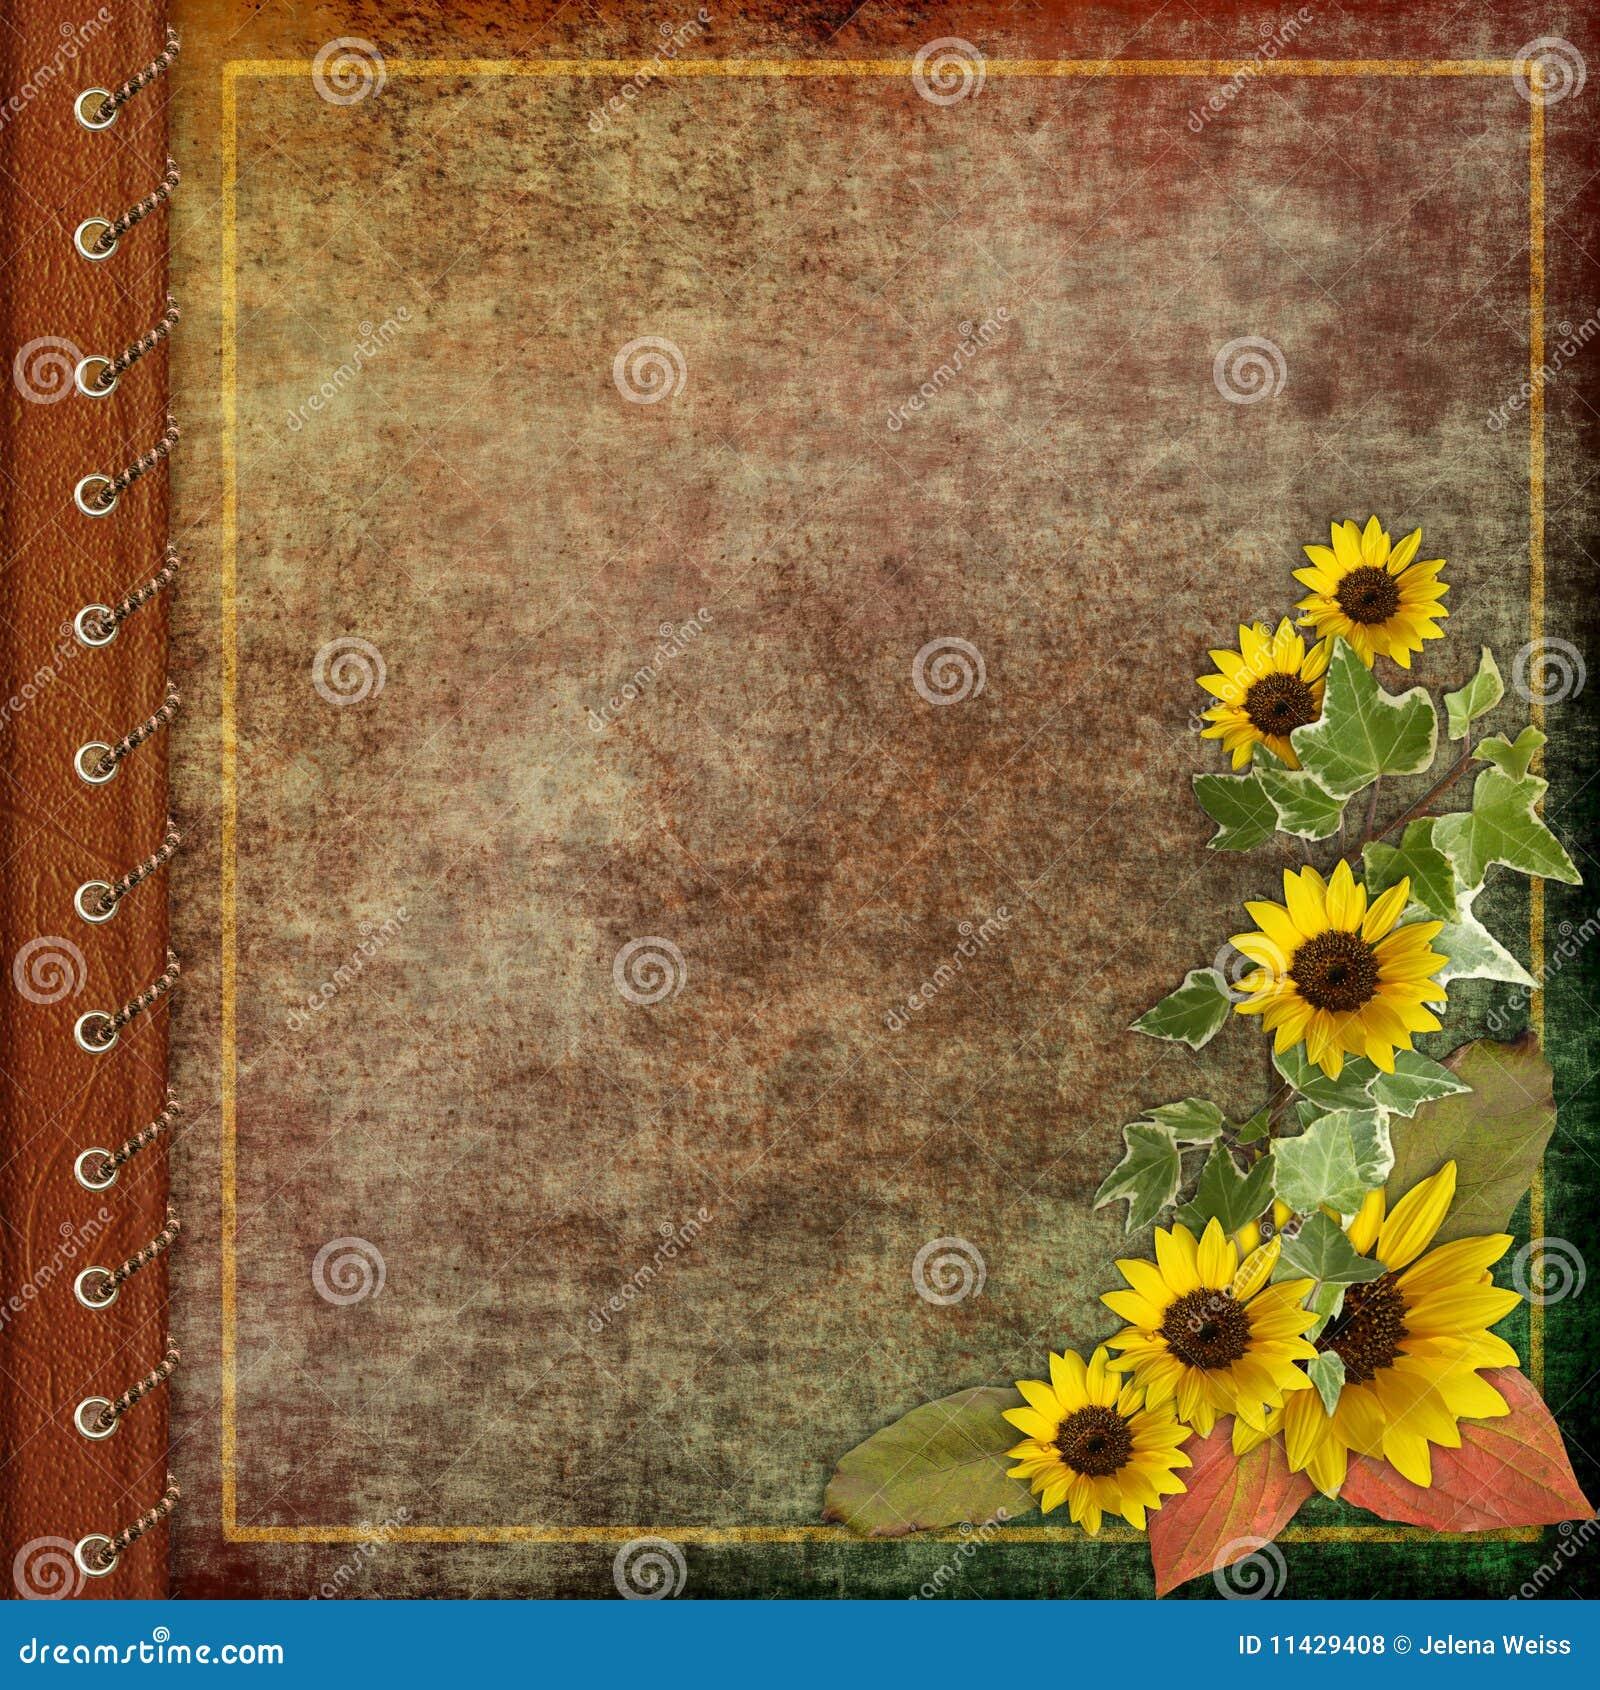 stock photo album cover - photo #18